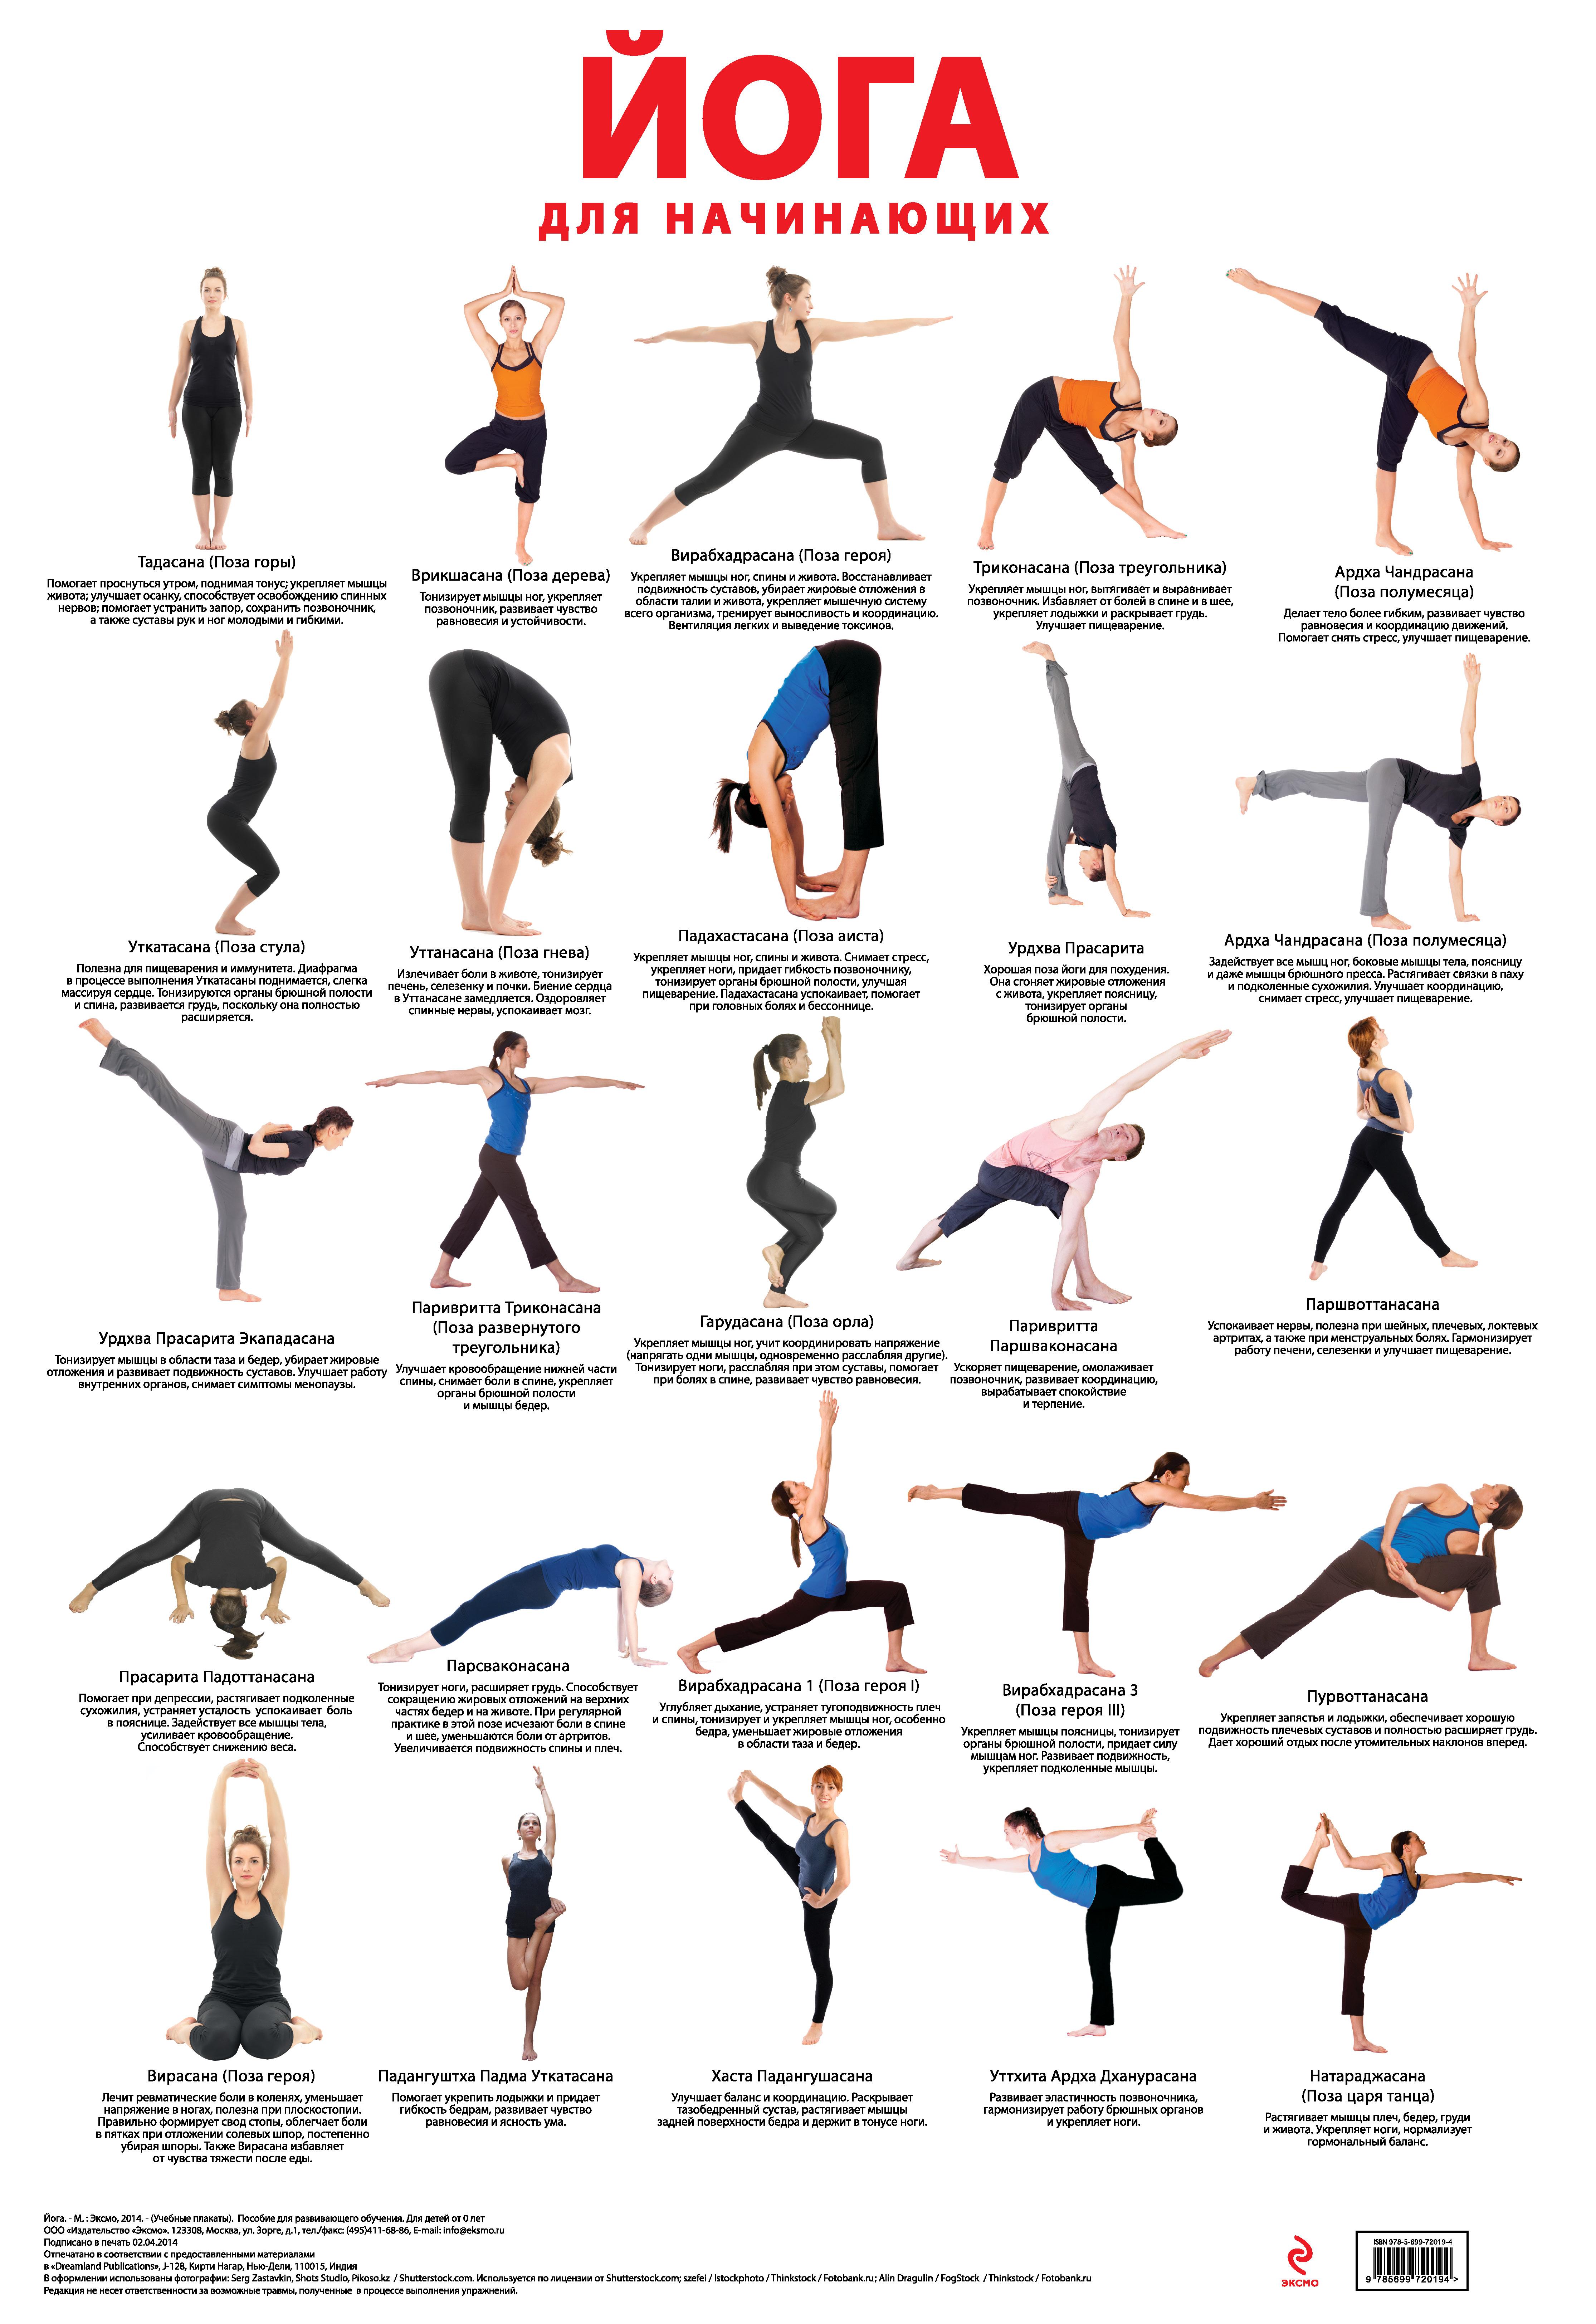 Программа тренировок и питания для похудения